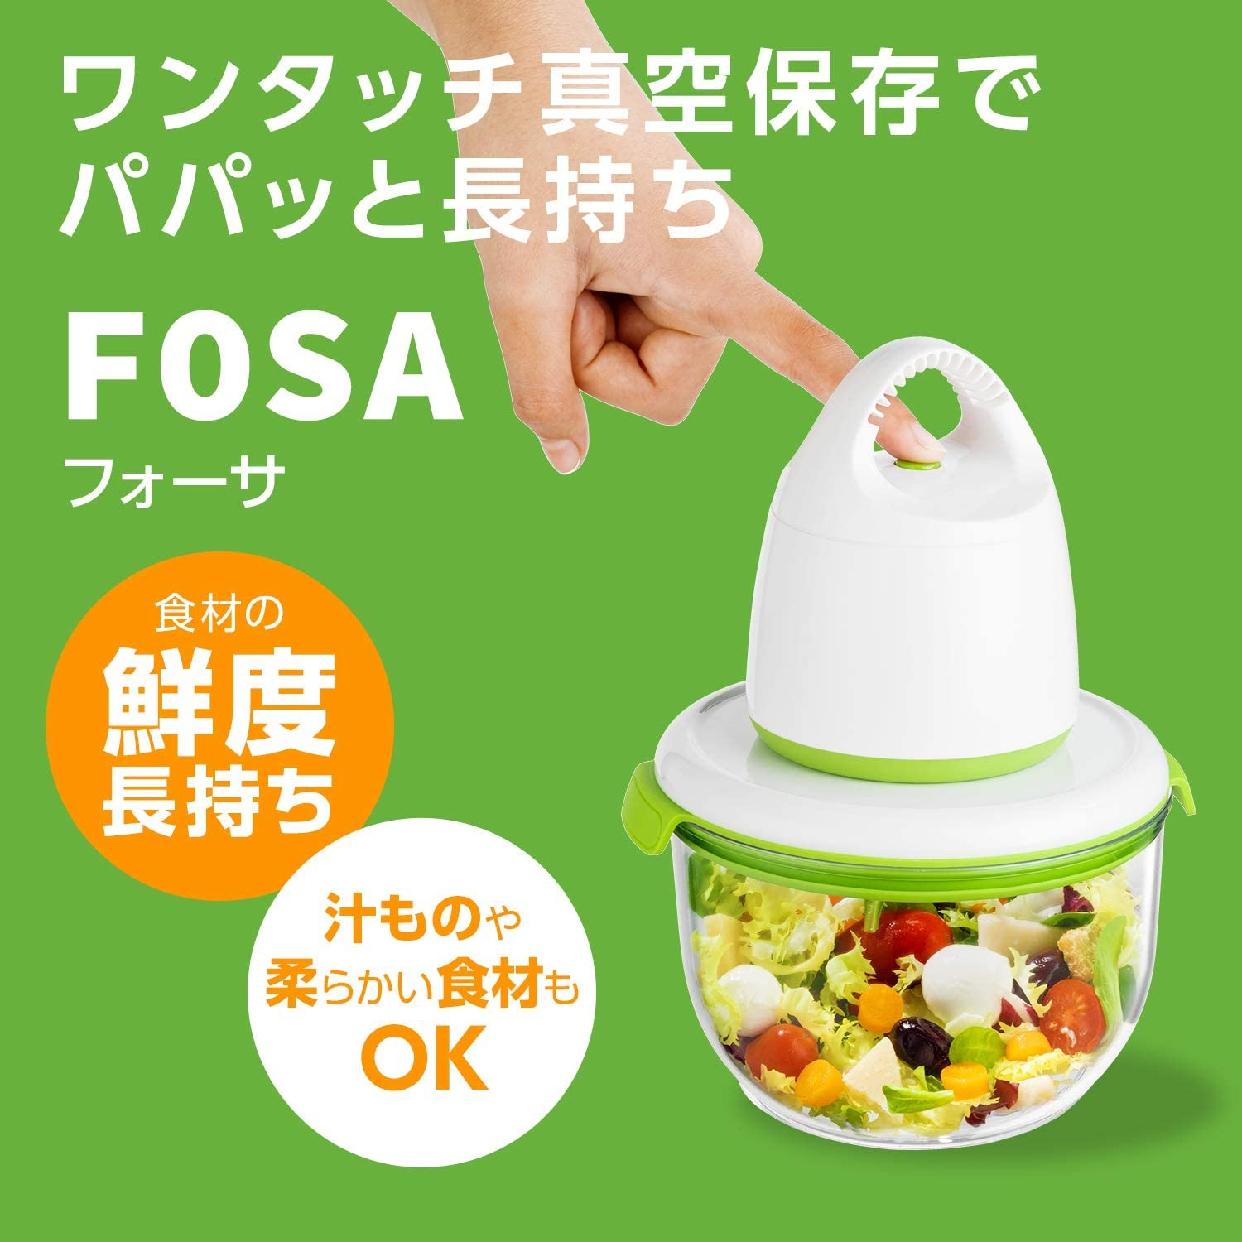 FOSA(フォーサ) 丸型(コンテナ6個セット)の商品画像2